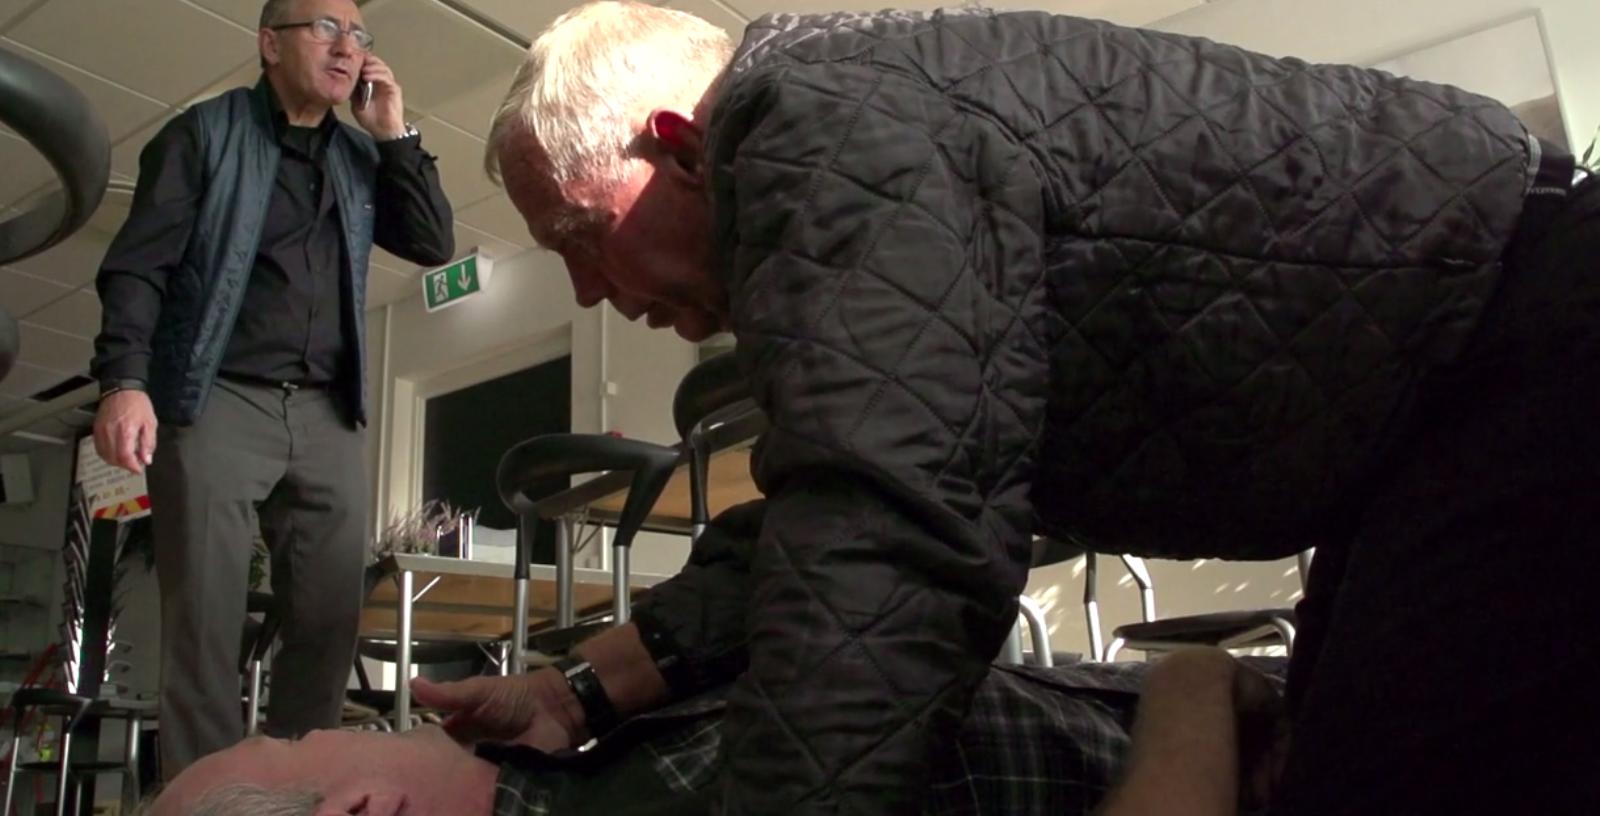 Det er vigtigt at kunne træde til, når nogen har brug for hjælp. Det ved Ebbe alt om. Han fik hjertestop - og blev reddet.